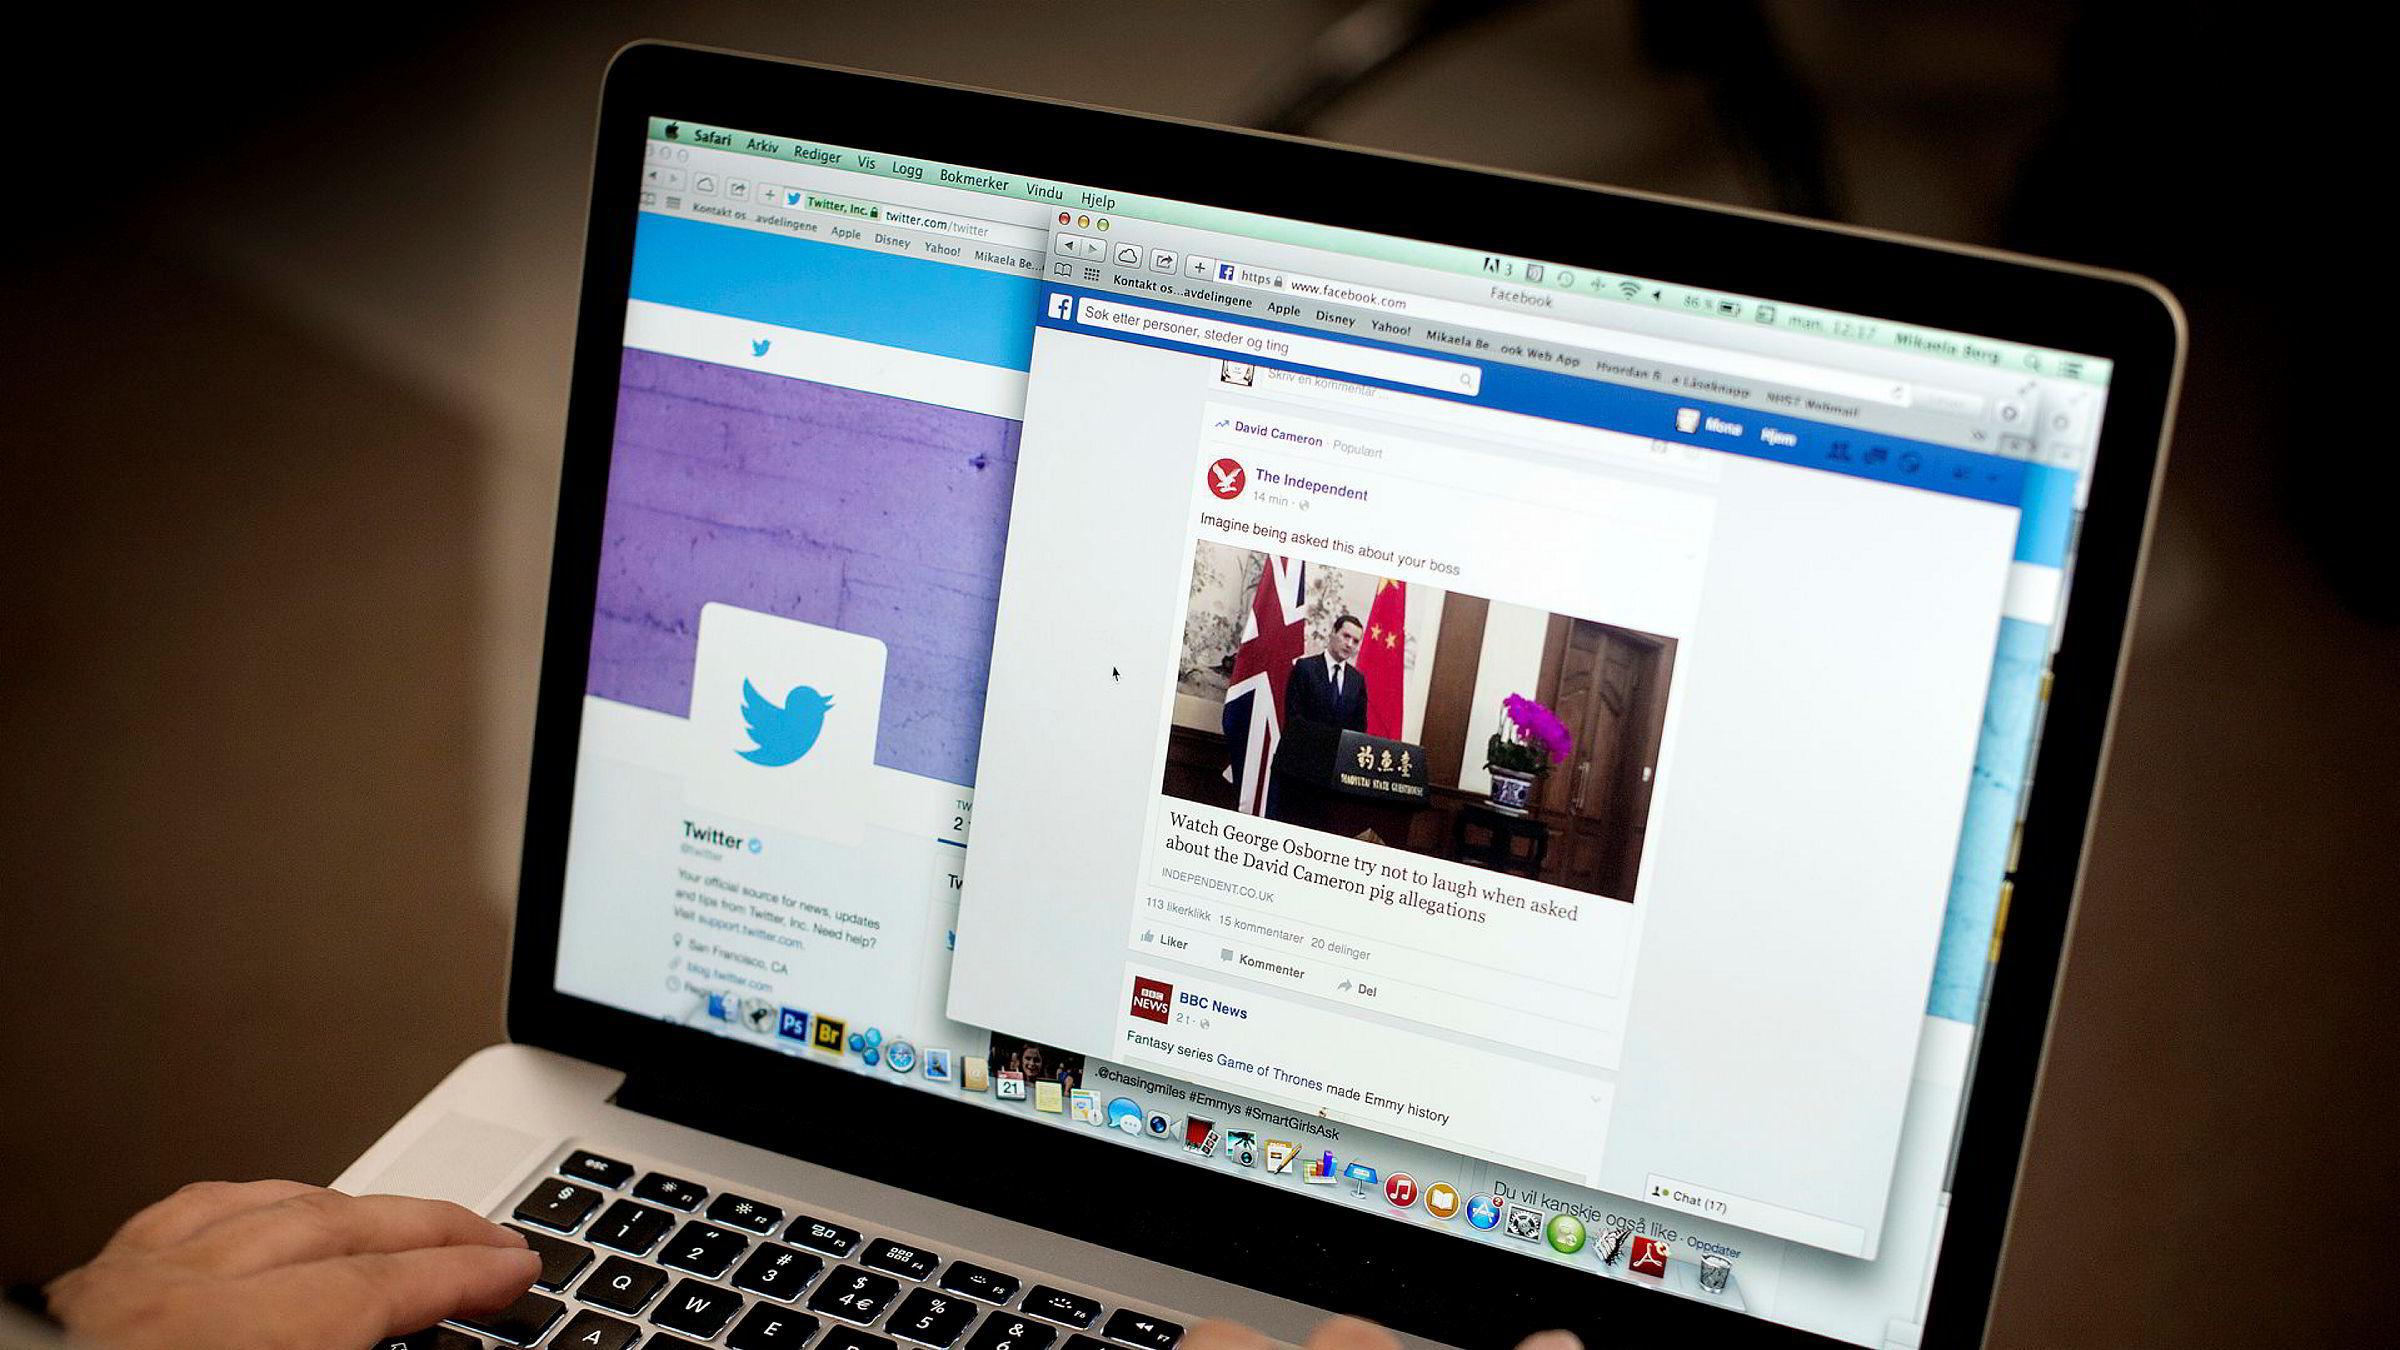 Både Twitter og Facebook er, i likhet med mange andre nettsteder, blokkert i Kina.